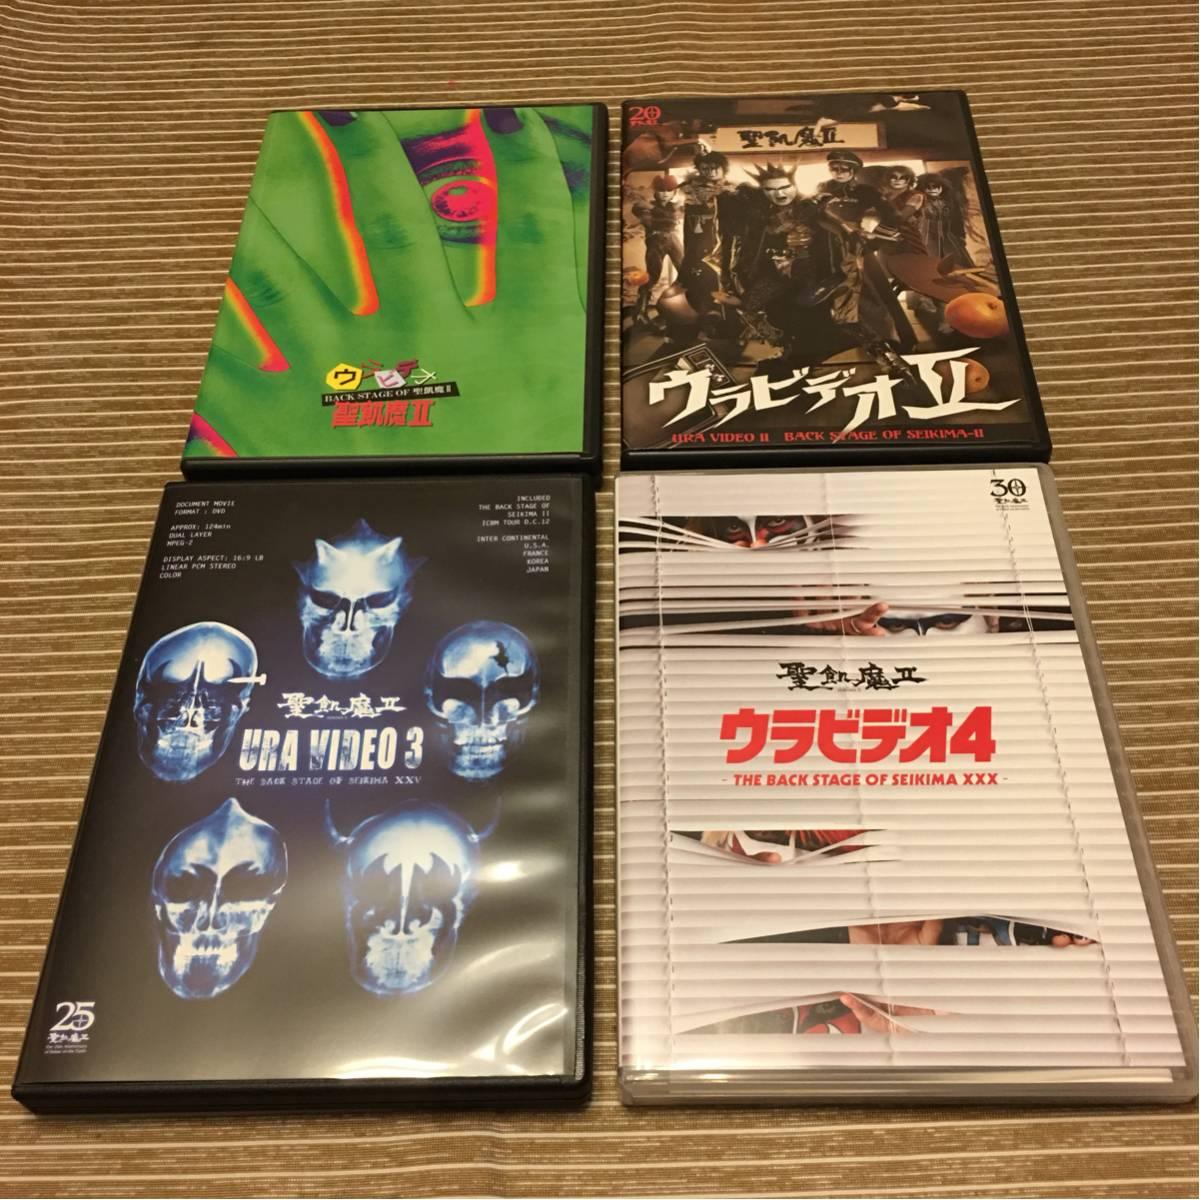 聖飢魔Ⅱ ウラビデオ 1~4 セット DVD 美品 ライブグッズの画像